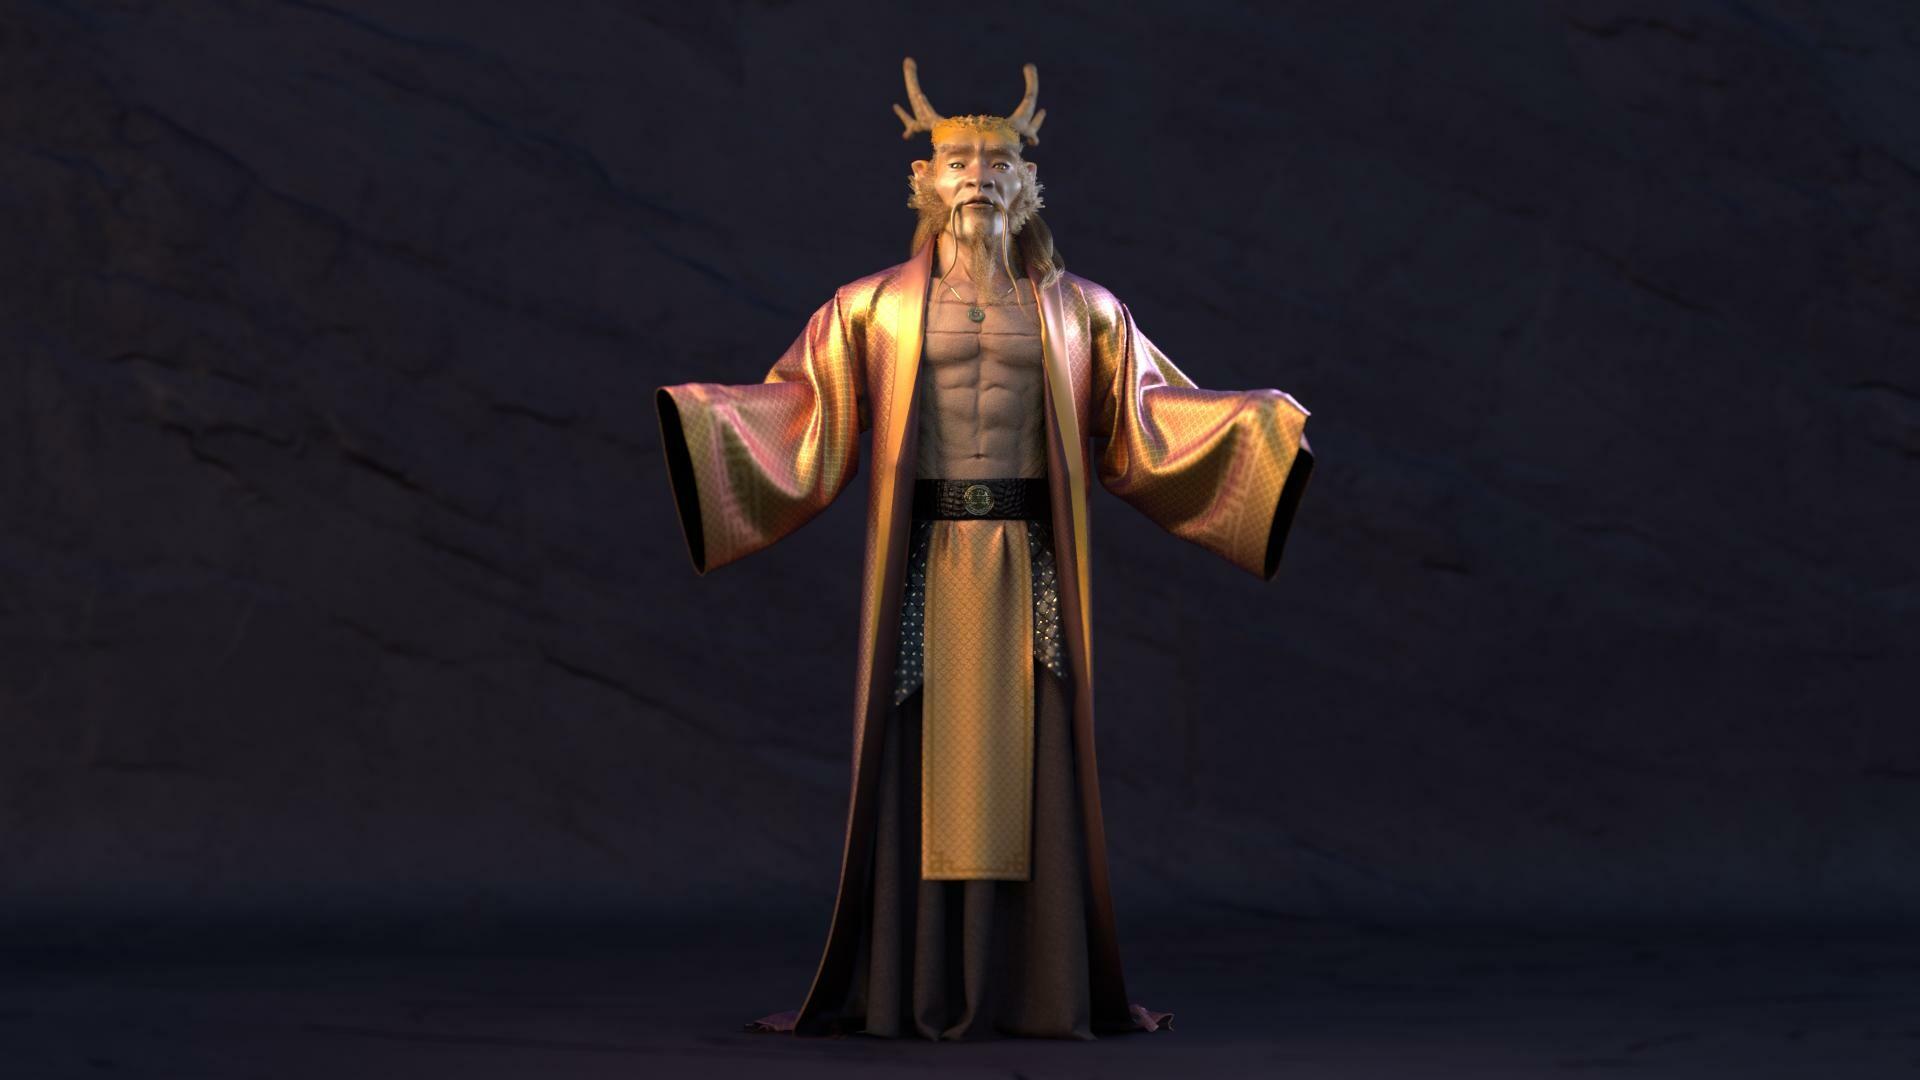 Yvon wong lrn image 04